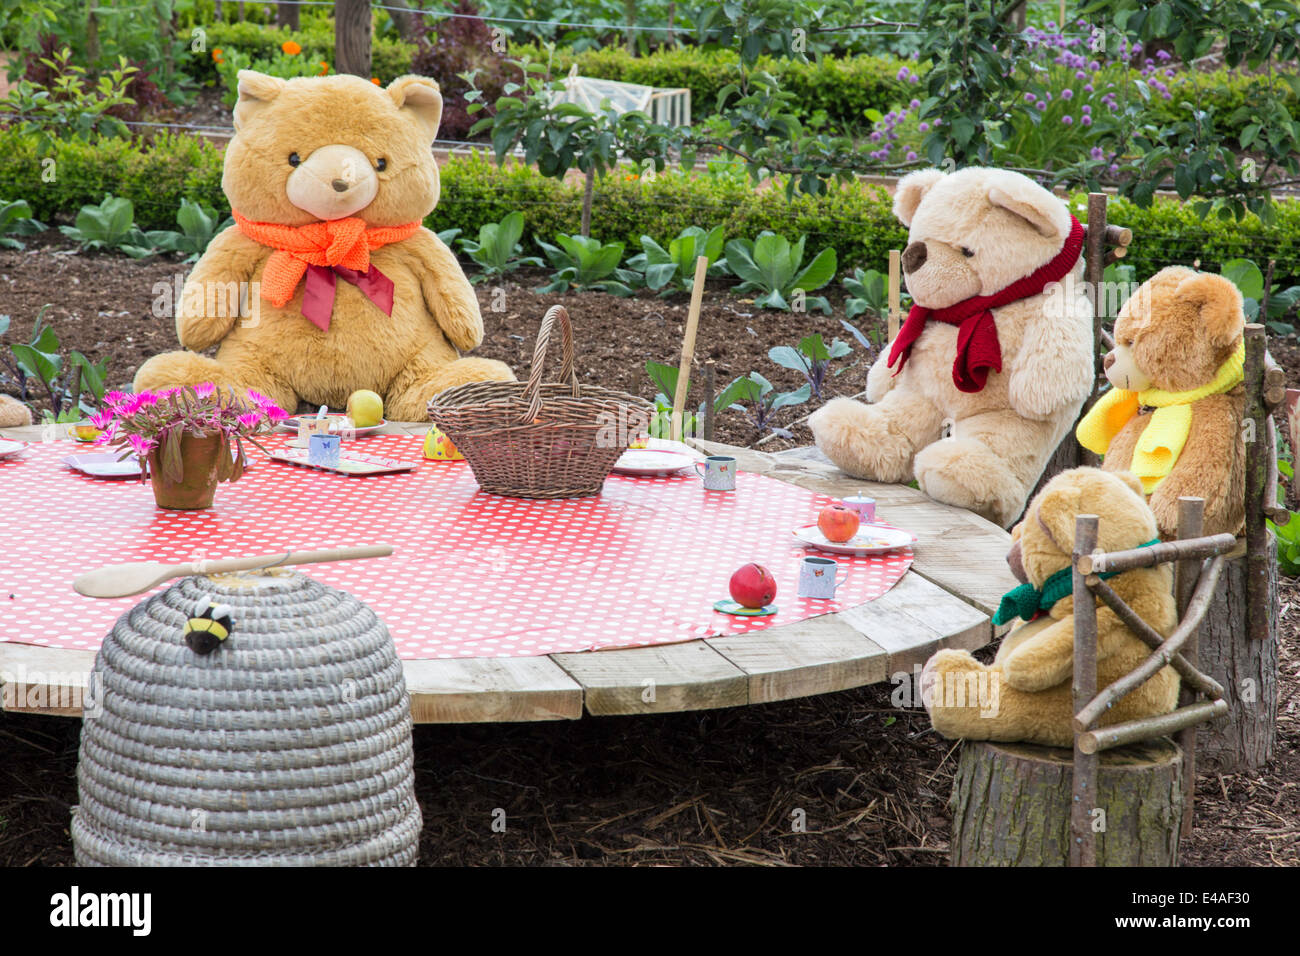 Teddy Bears Picnic In A Garden, England, UK